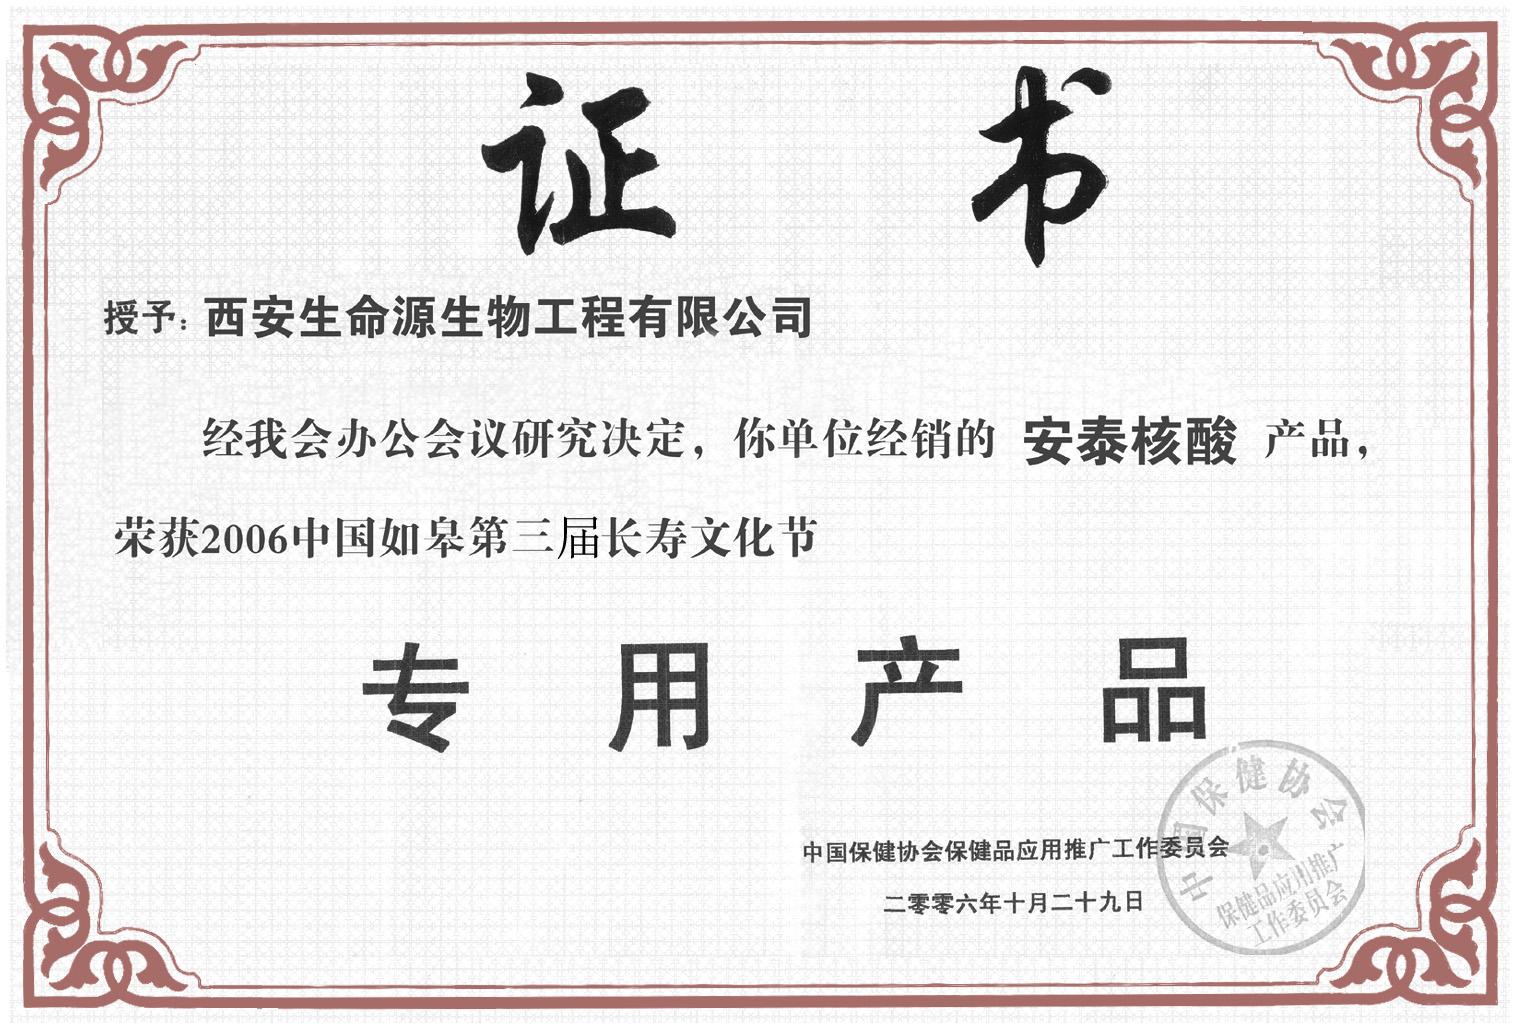 必威体育手机版本下载产品荣获2006中国如皋第三届长寿文化节专用产品